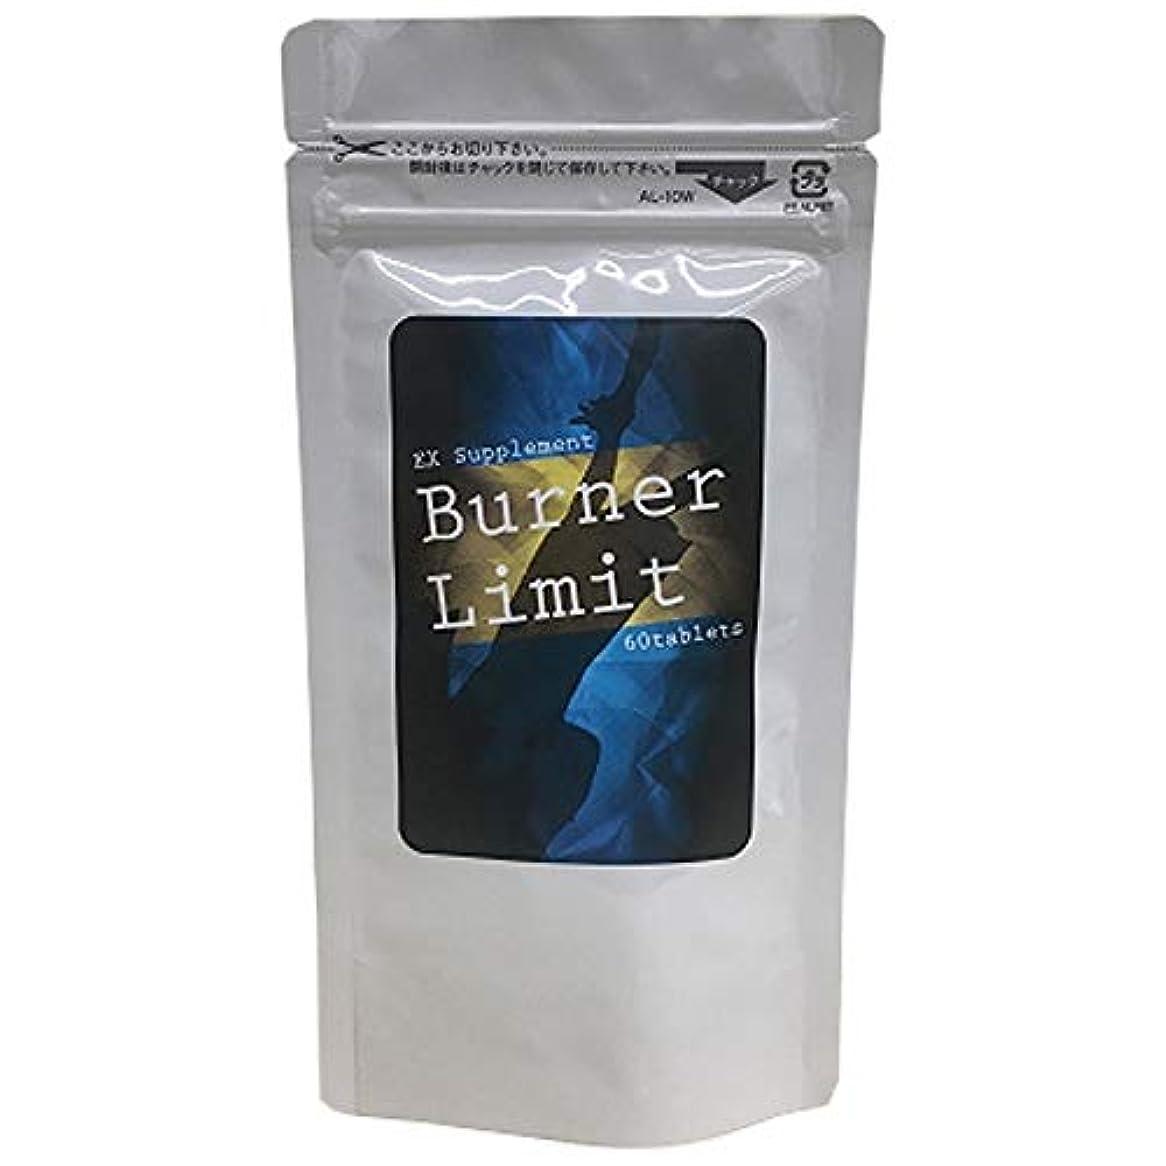 不潔臭い雑草バーナーリミット 60粒 約30日分 ダイエットサポート